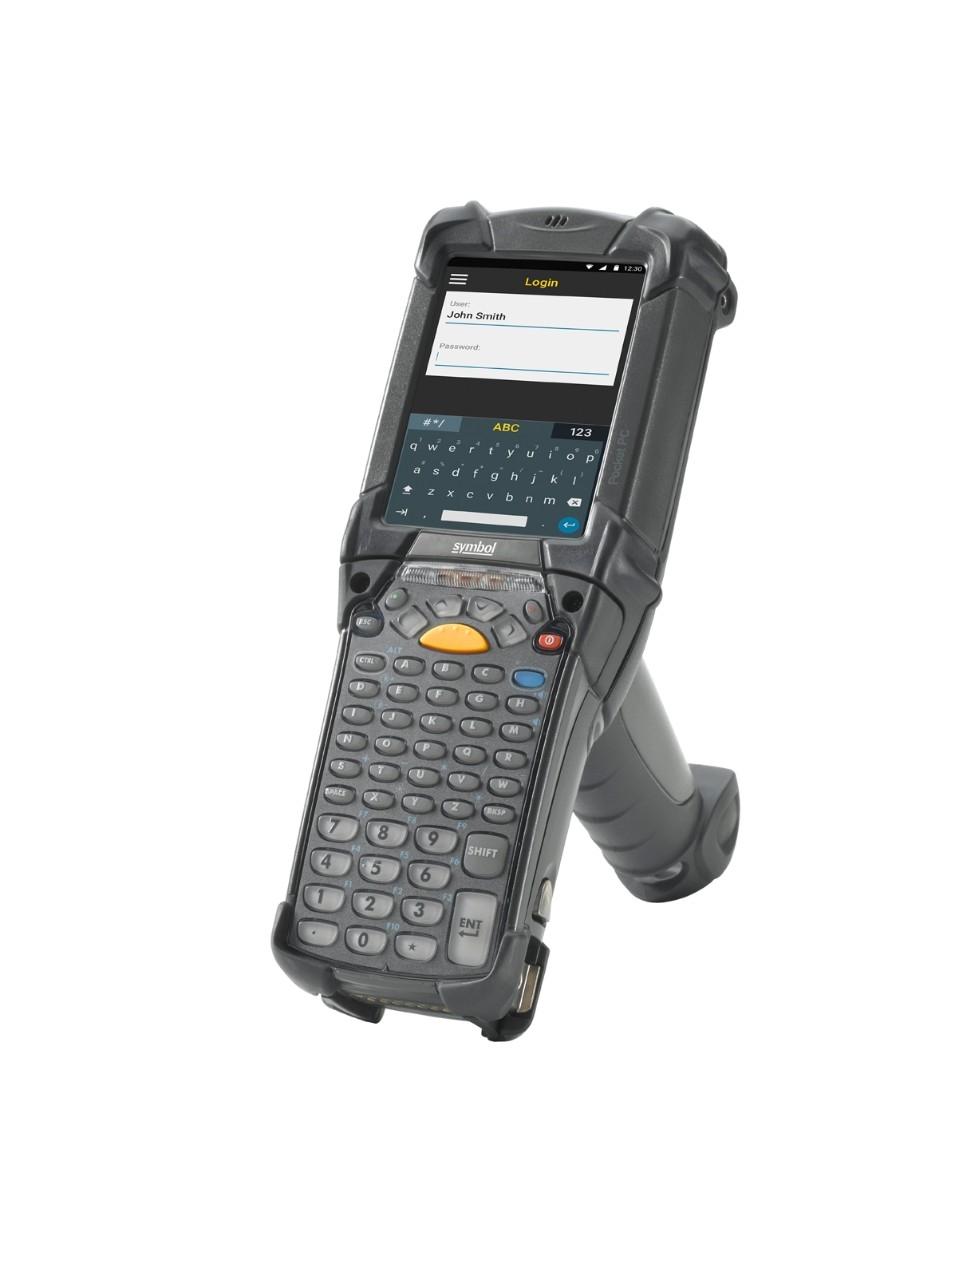 Komputer mobilny Zebra MC9200 Android – widok z lewej